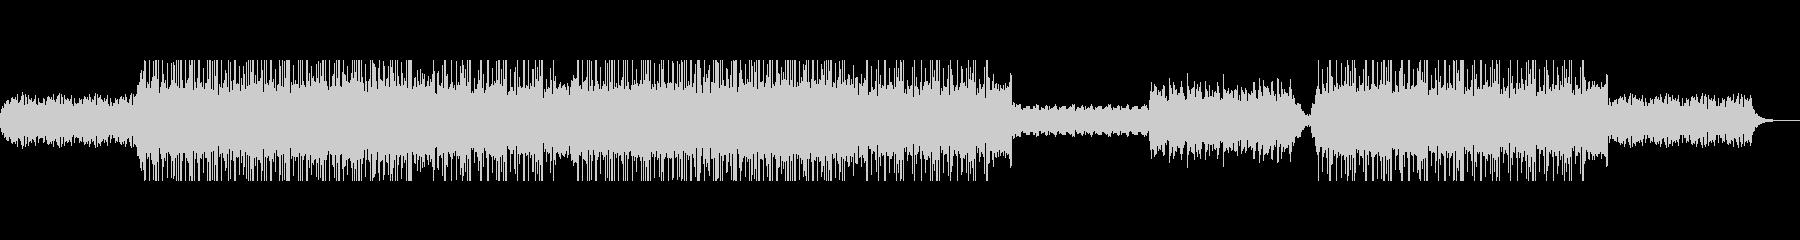 エモいウエディングソングにぴったりBGMの未再生の波形